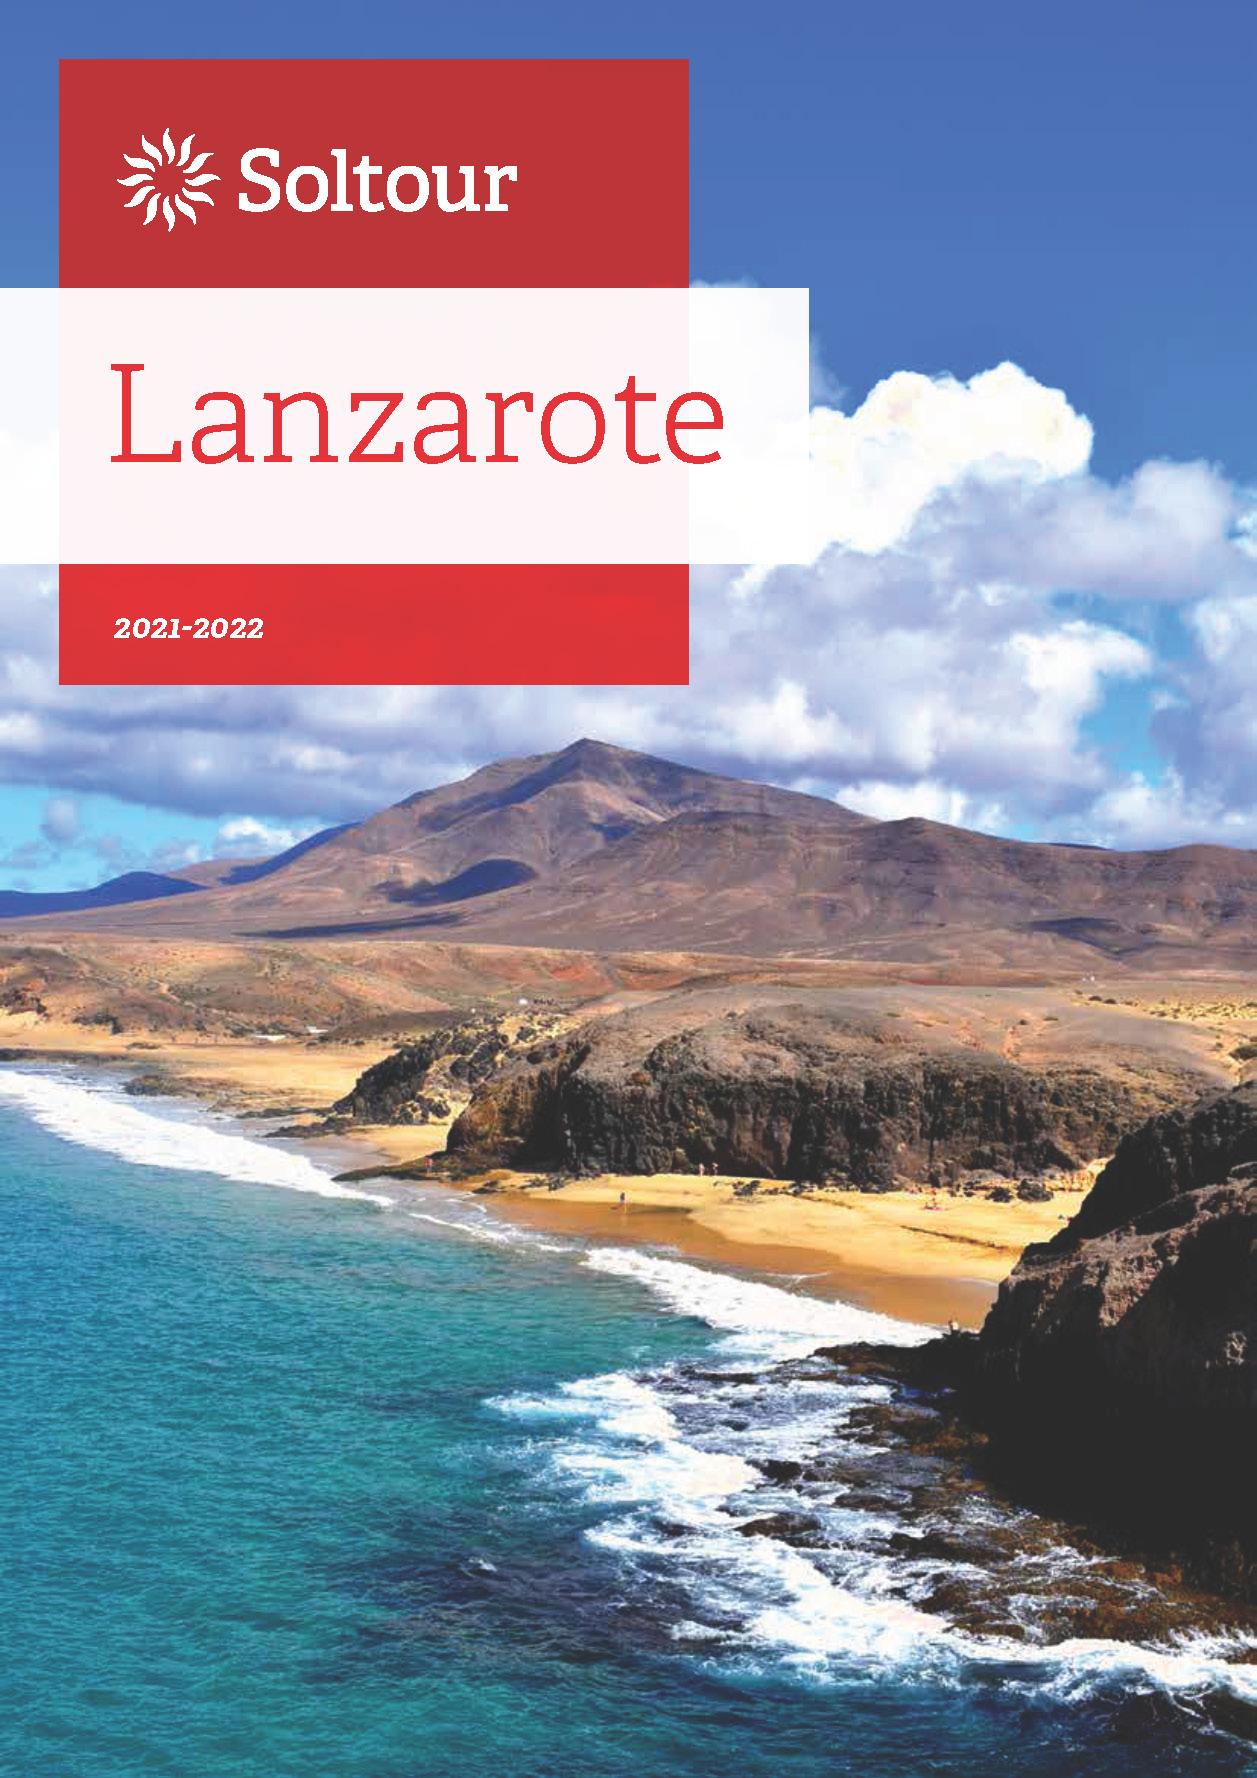 Catalogo Soltour Lanzarote 2021-2022